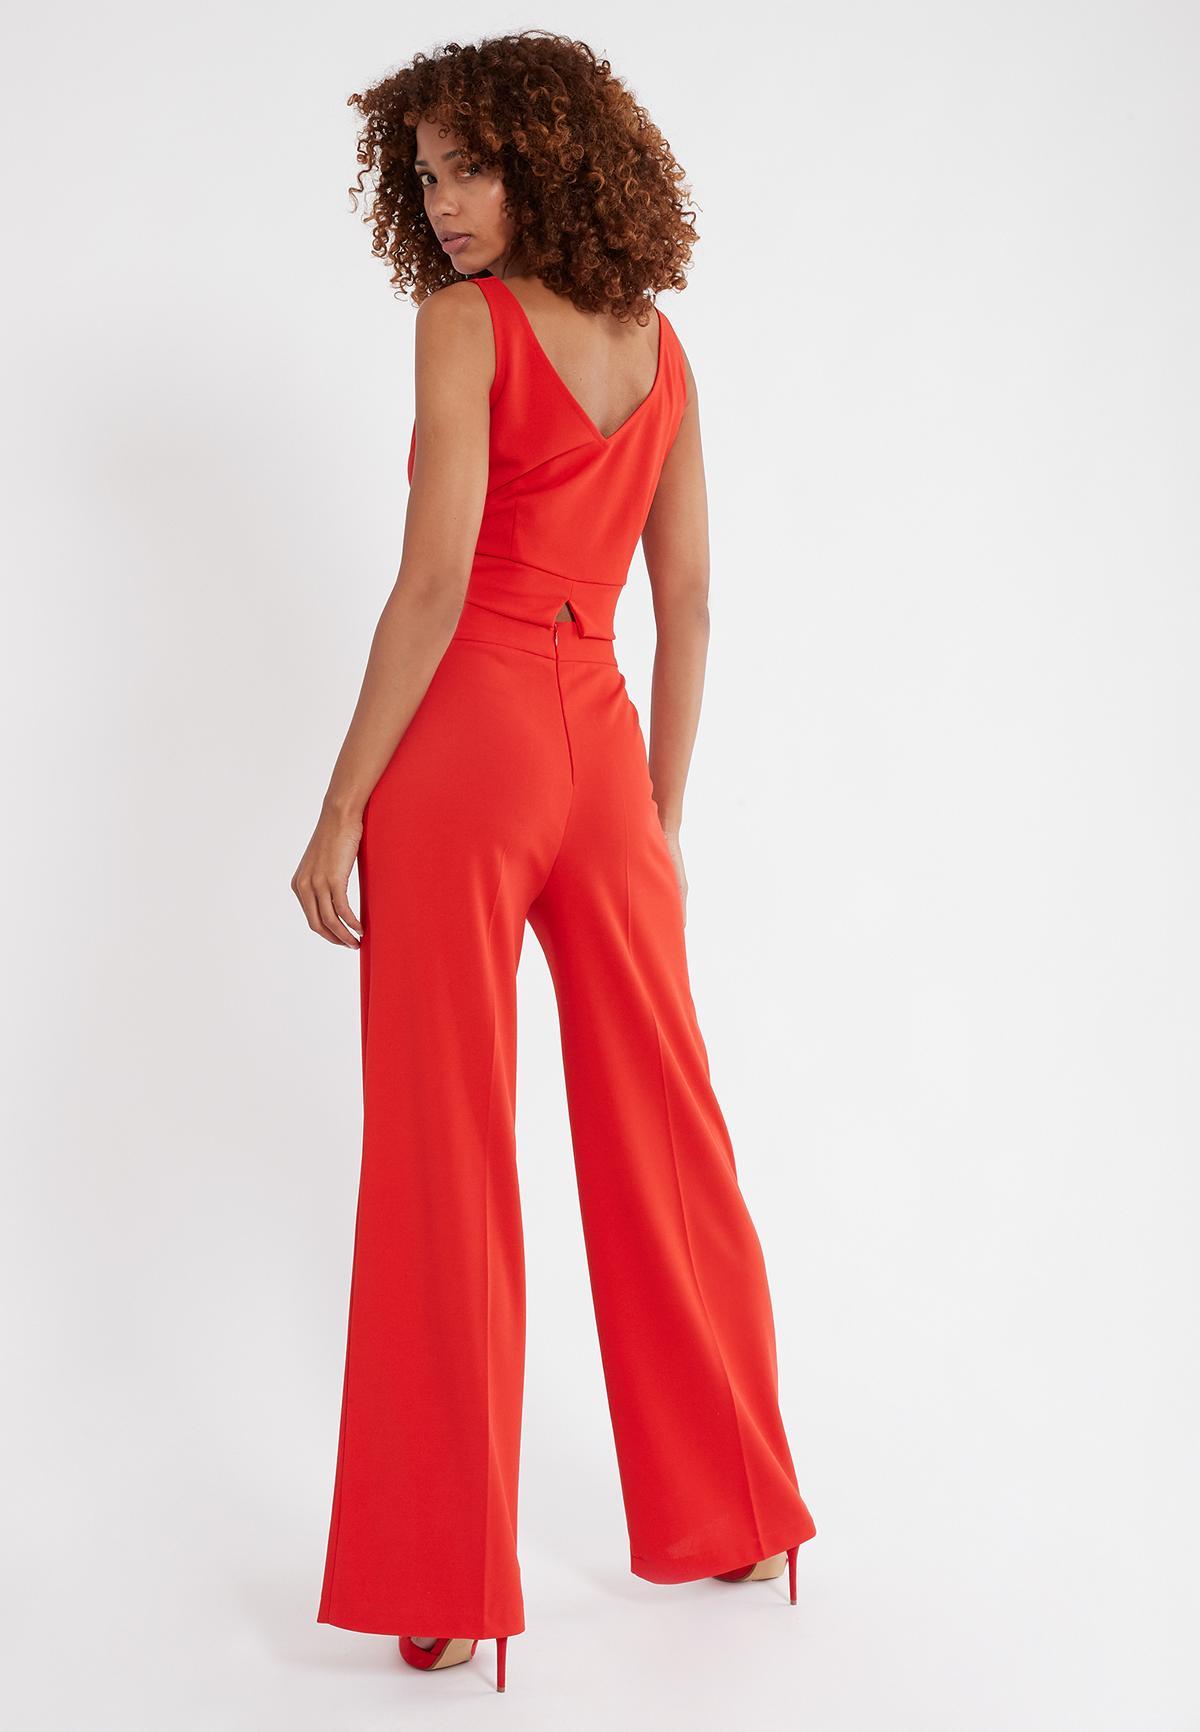 Rückansicht von Ana Alcazar Weite Hose Sazore Rot  angezogen an Model